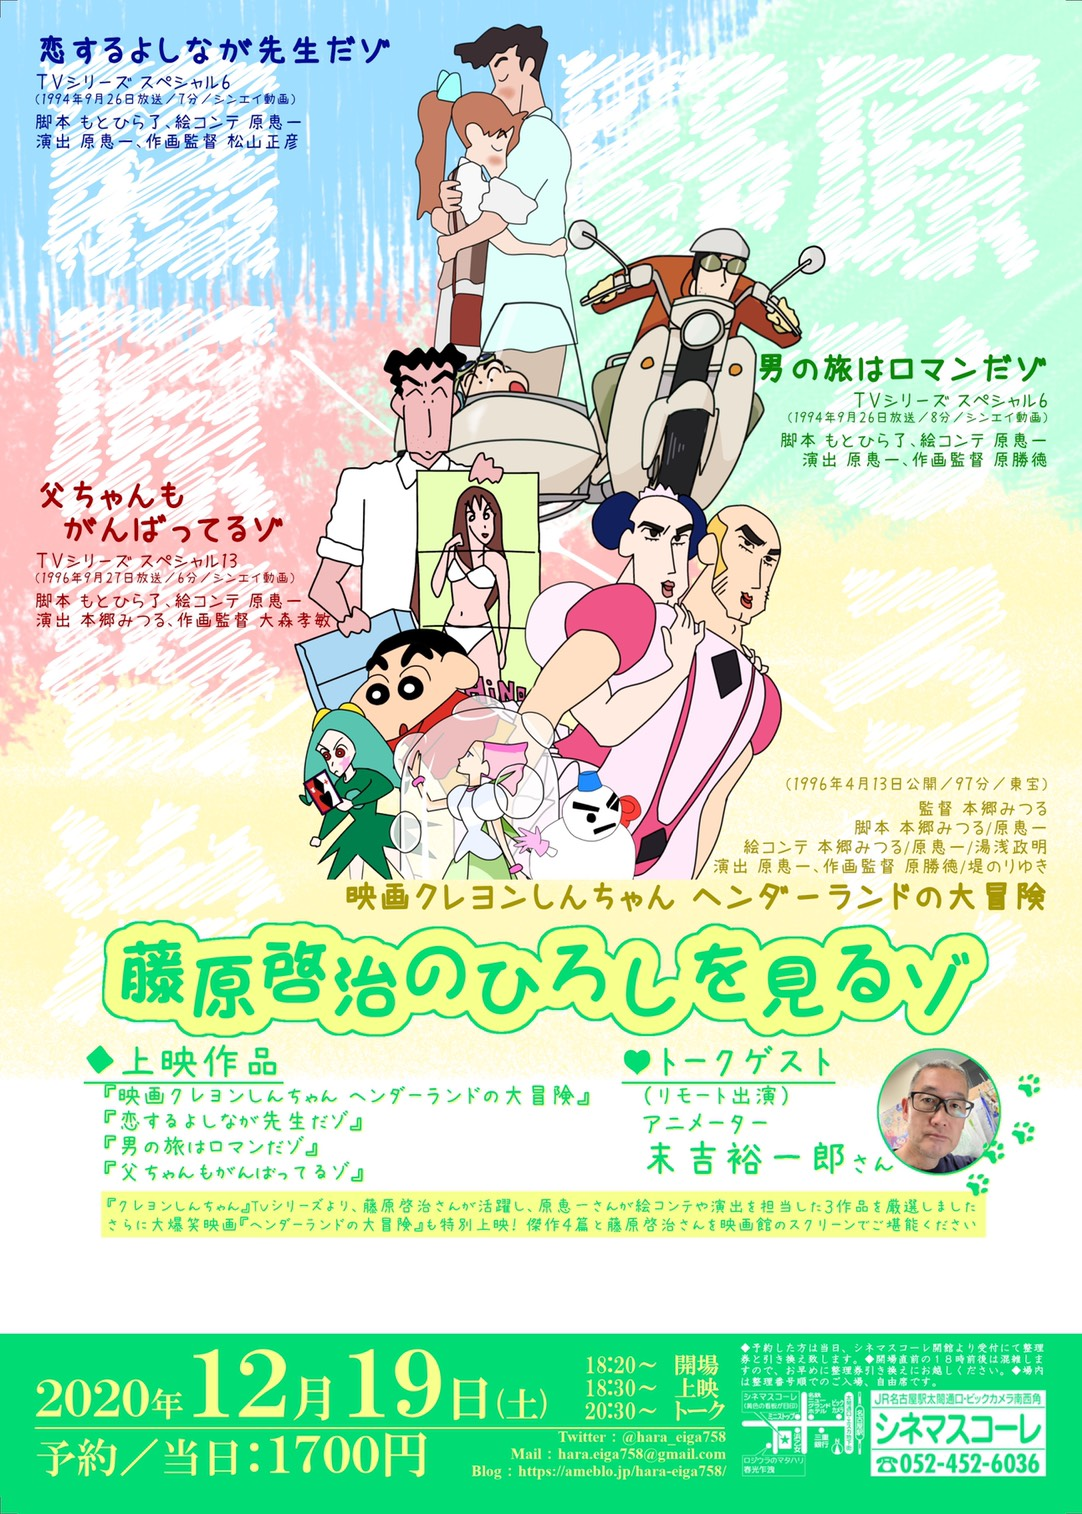 しんちゃん テレビ 2020 放送 映画 クレヨン